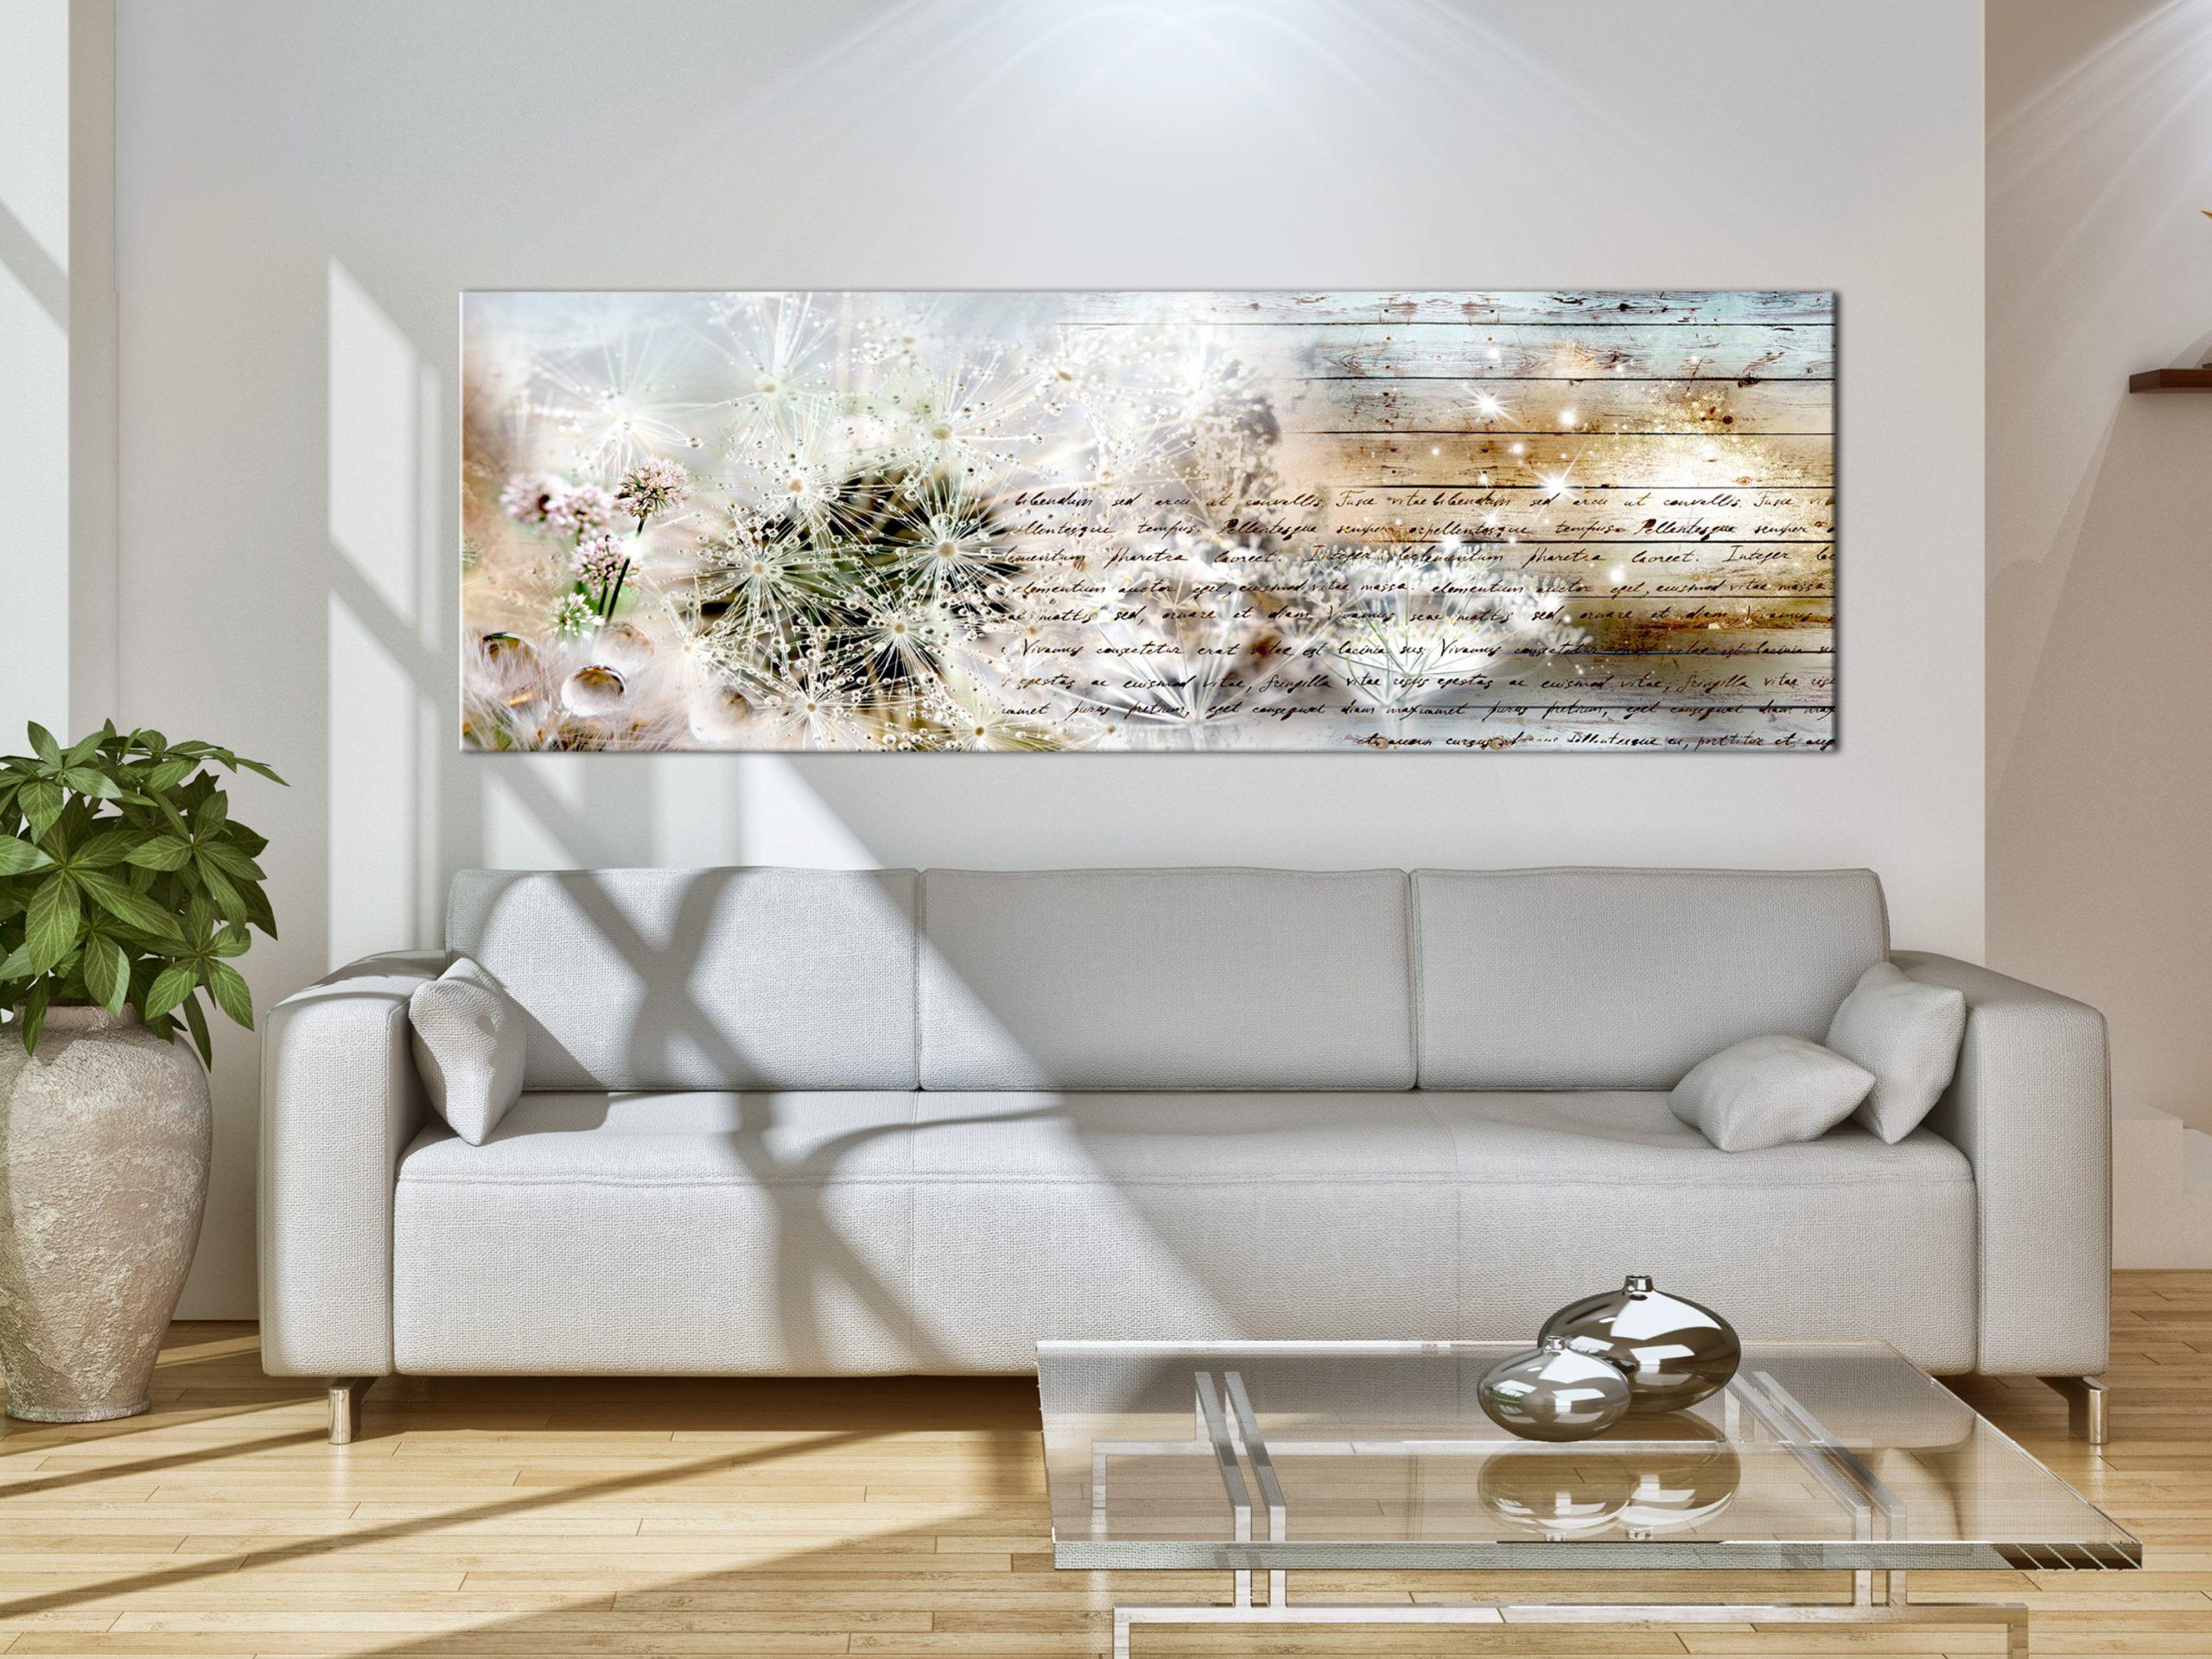 Full Size of Beleuchtung Wohnzimmer Bilder Xxl Tischlampe Board Vorhänge Landhausstil Stehlampen Tisch Lampe Teppich Led Deckenleuchte Sofa Kleines Großes Bild Liege Wohnzimmer Wohnzimmer Wandbilder